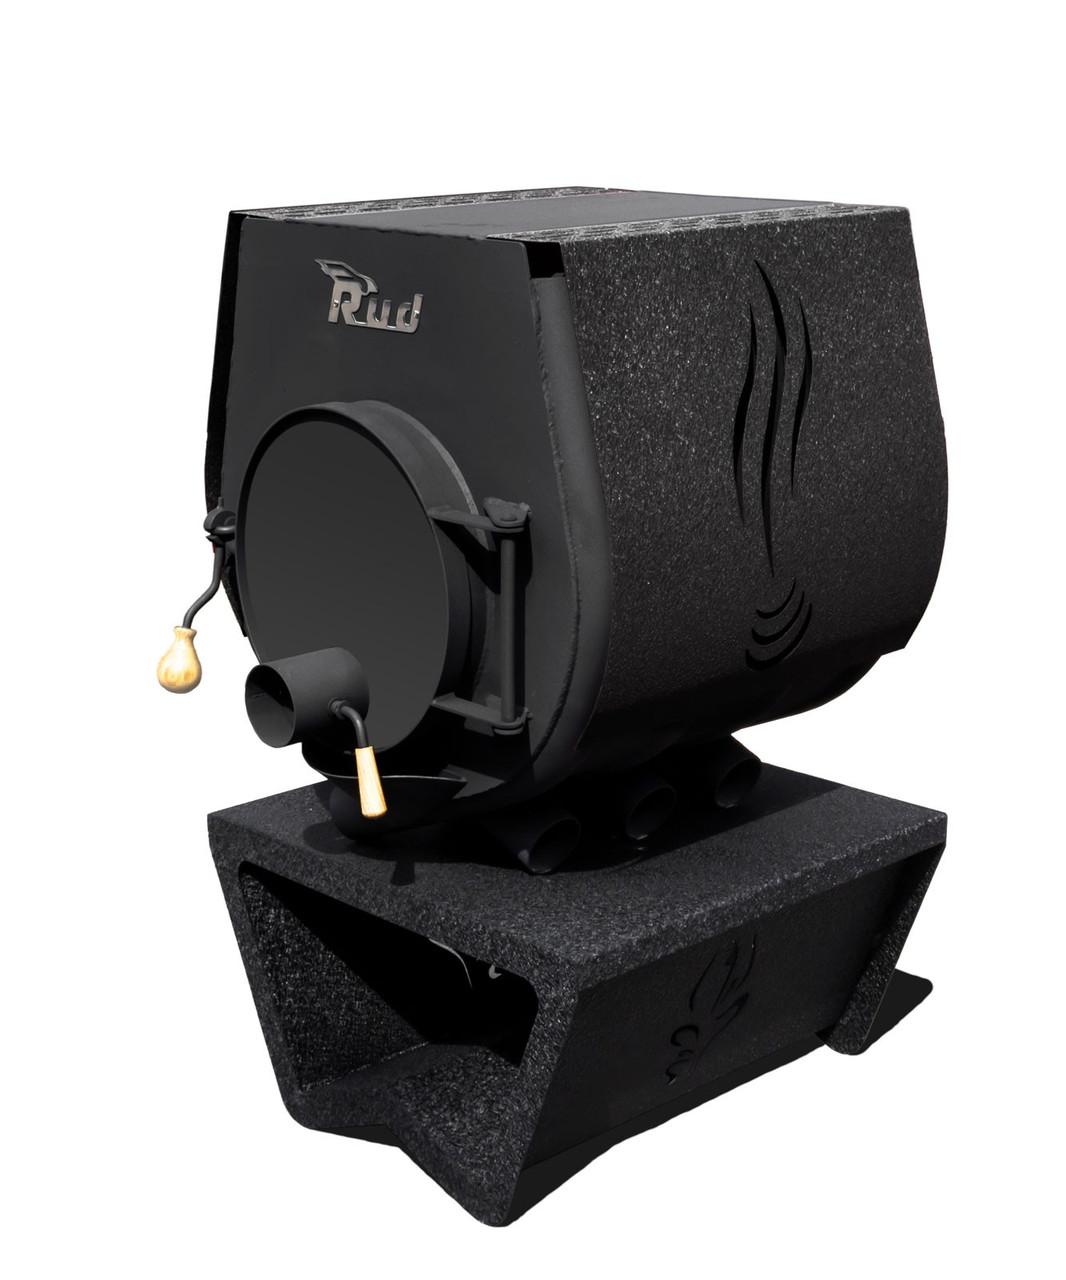 Опалювальна конвекційна піч Rud Pyrotron Кантрі 01 з варильною поверхнею (опалювальна площа 80 кв. м.)